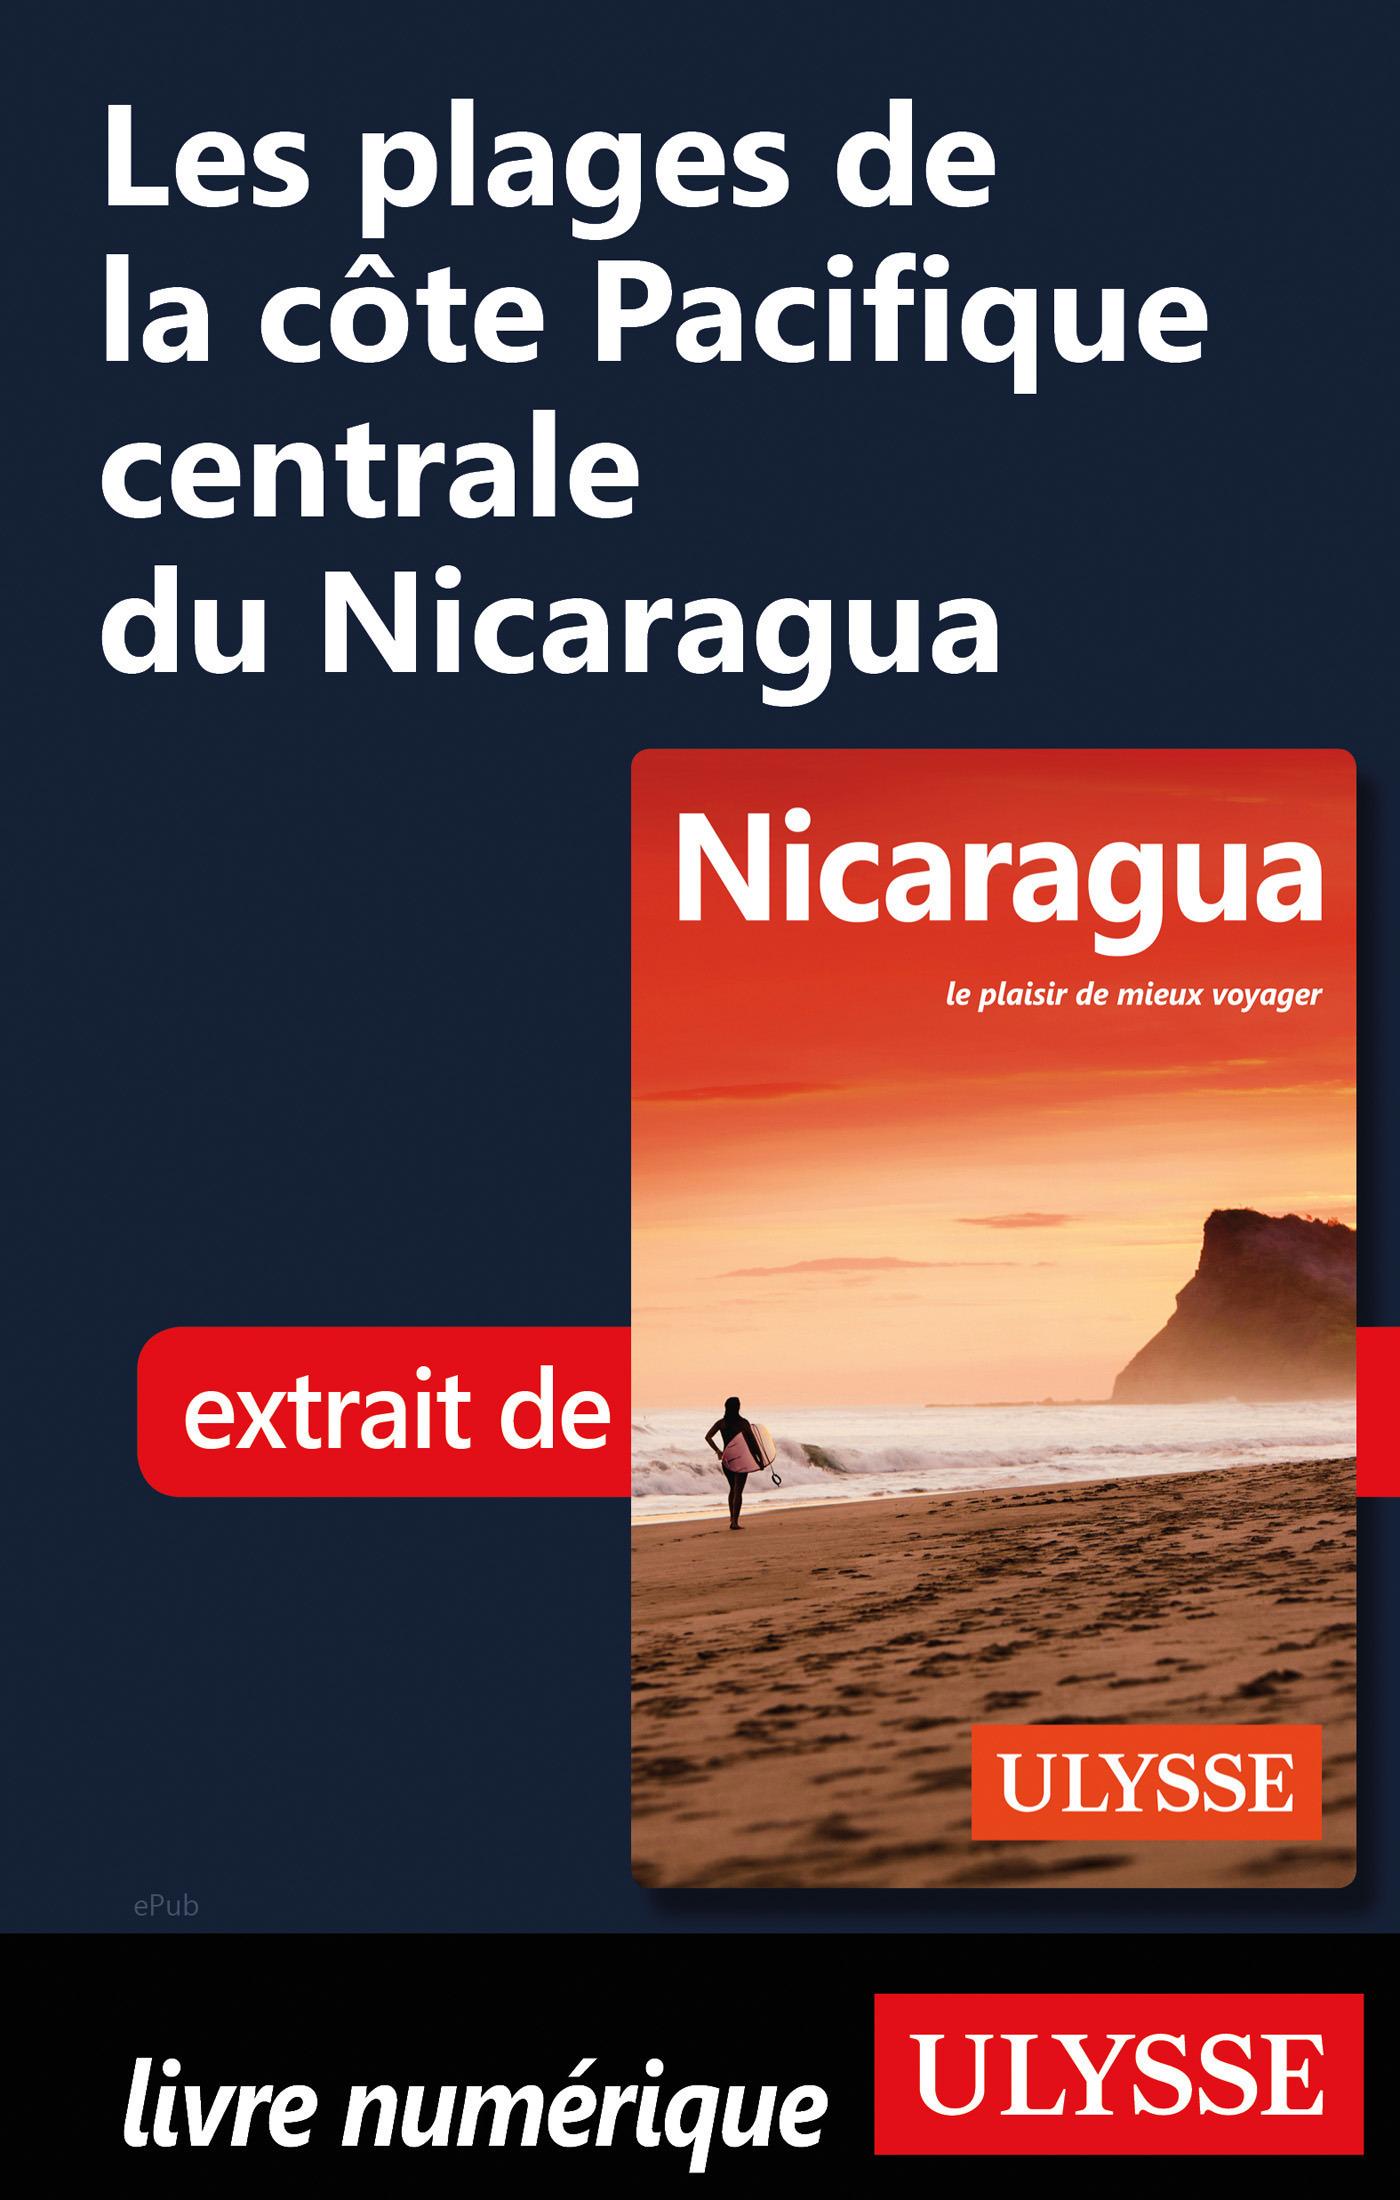 Les plages de la côte Pacifique centrale du Nicaragua (ebook)